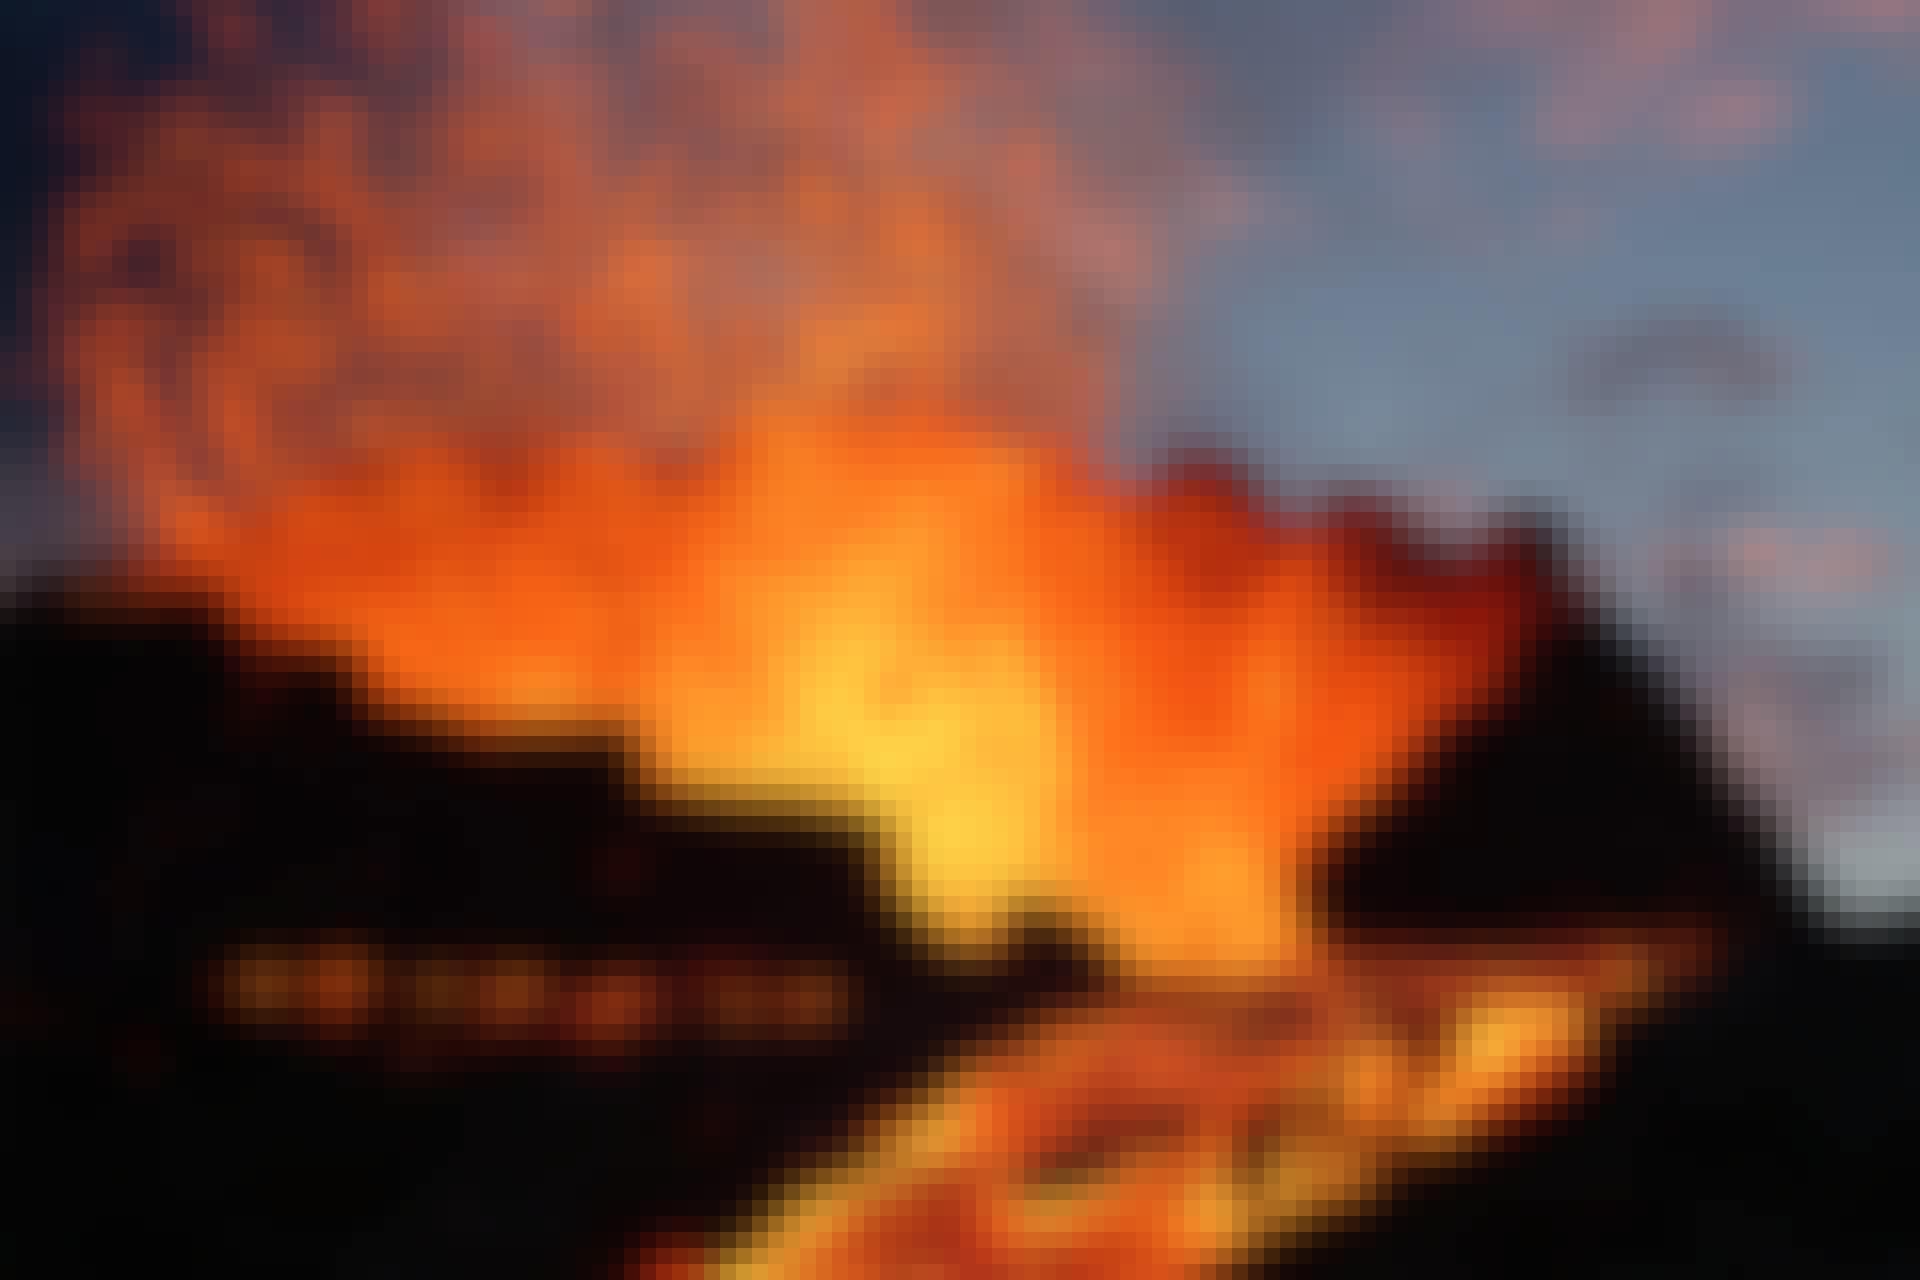 Vulkaner svämmar över